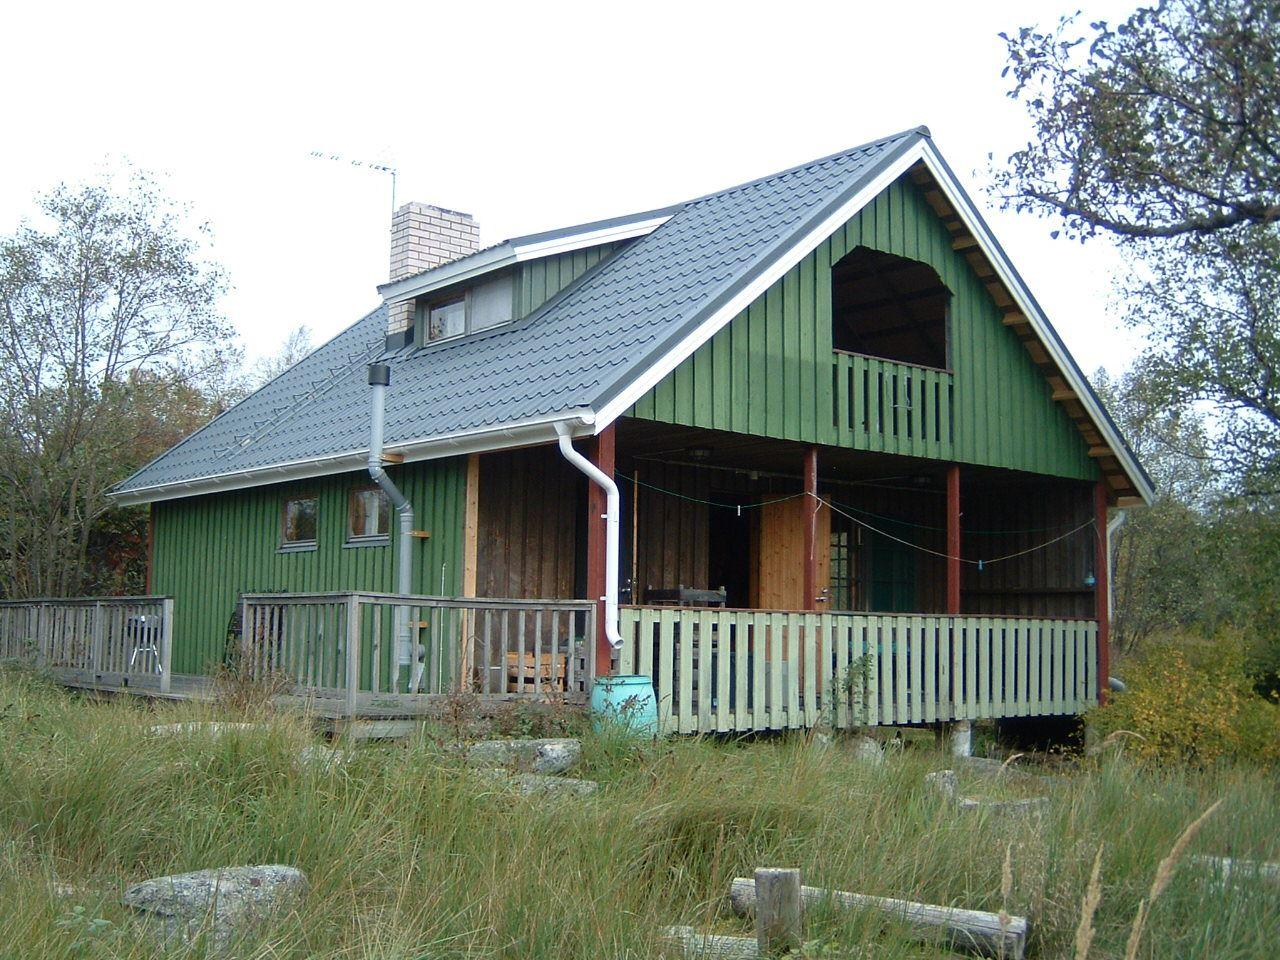 AK-stugor, Island Cabin